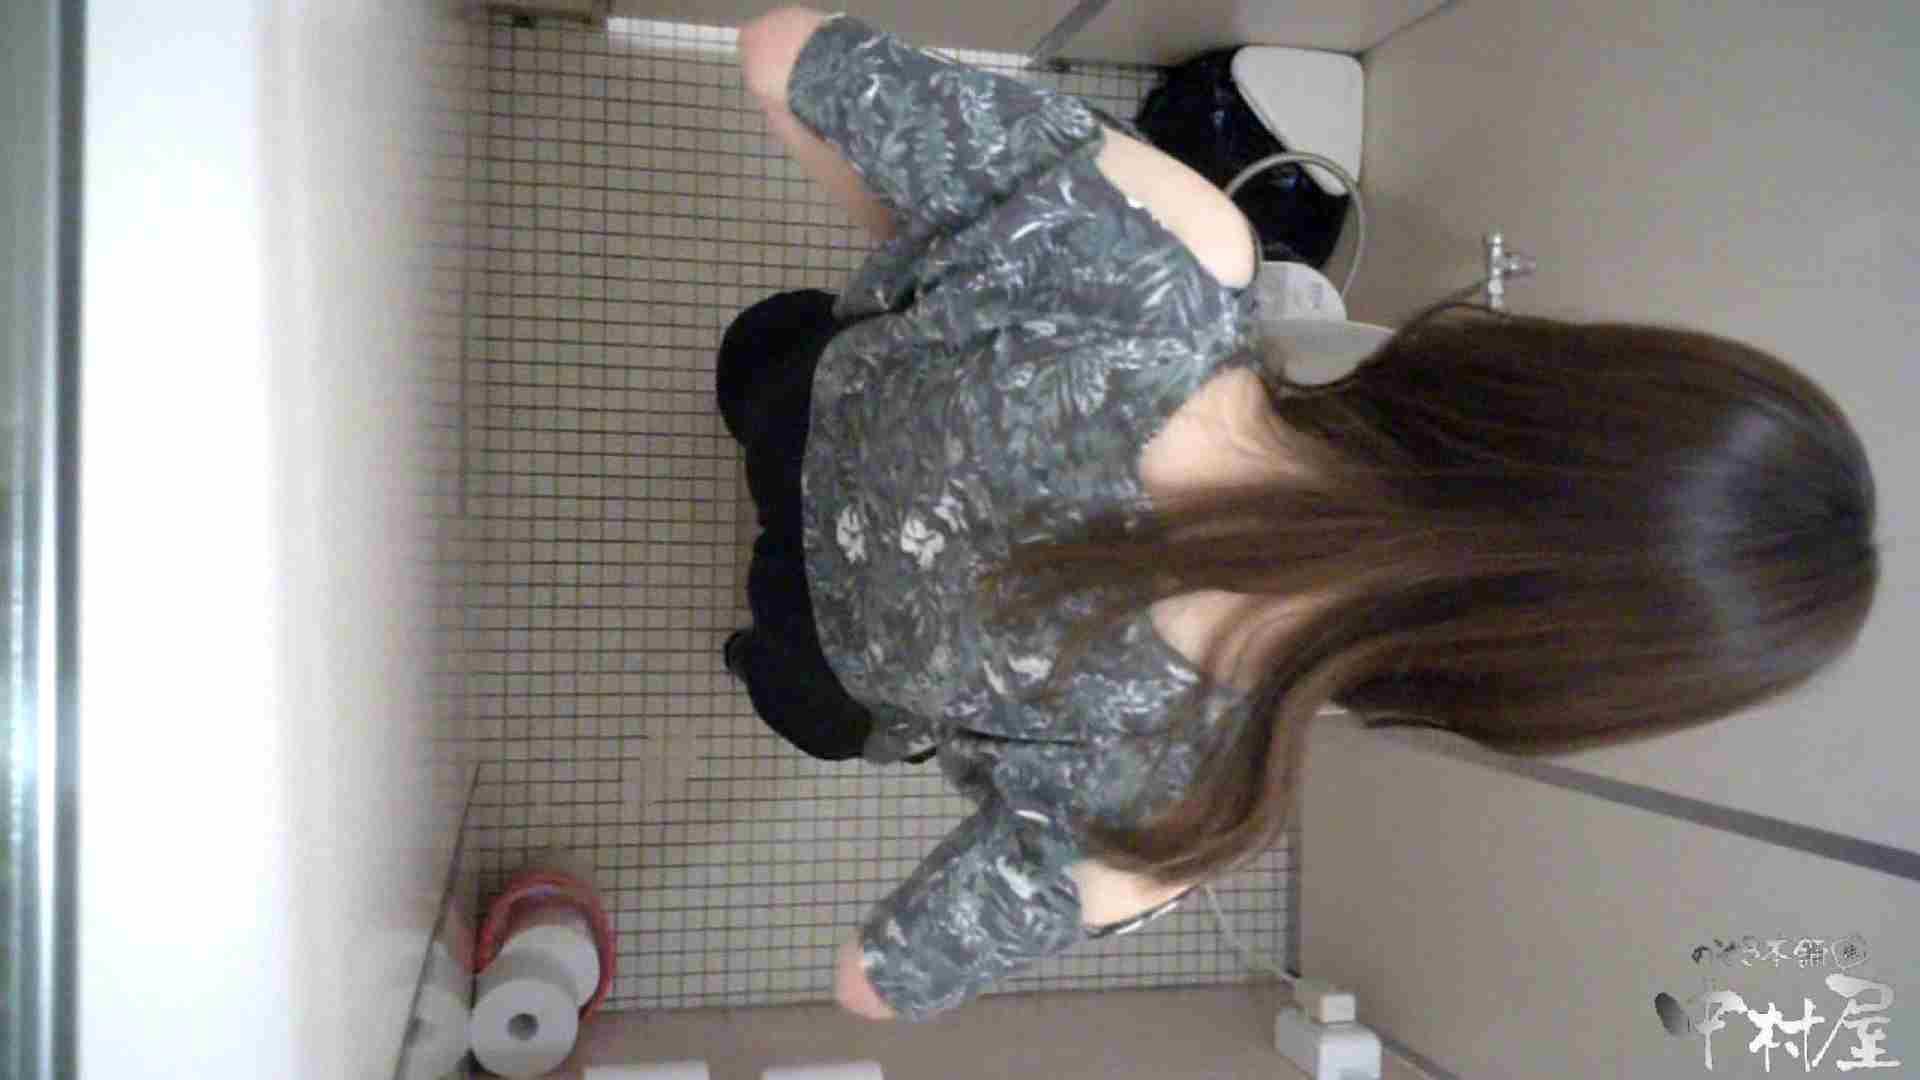 【某有名大学女性洗面所】有名大学女性洗面所 vol.43 いつみても神秘的な世界です。 0   0  105pic 17